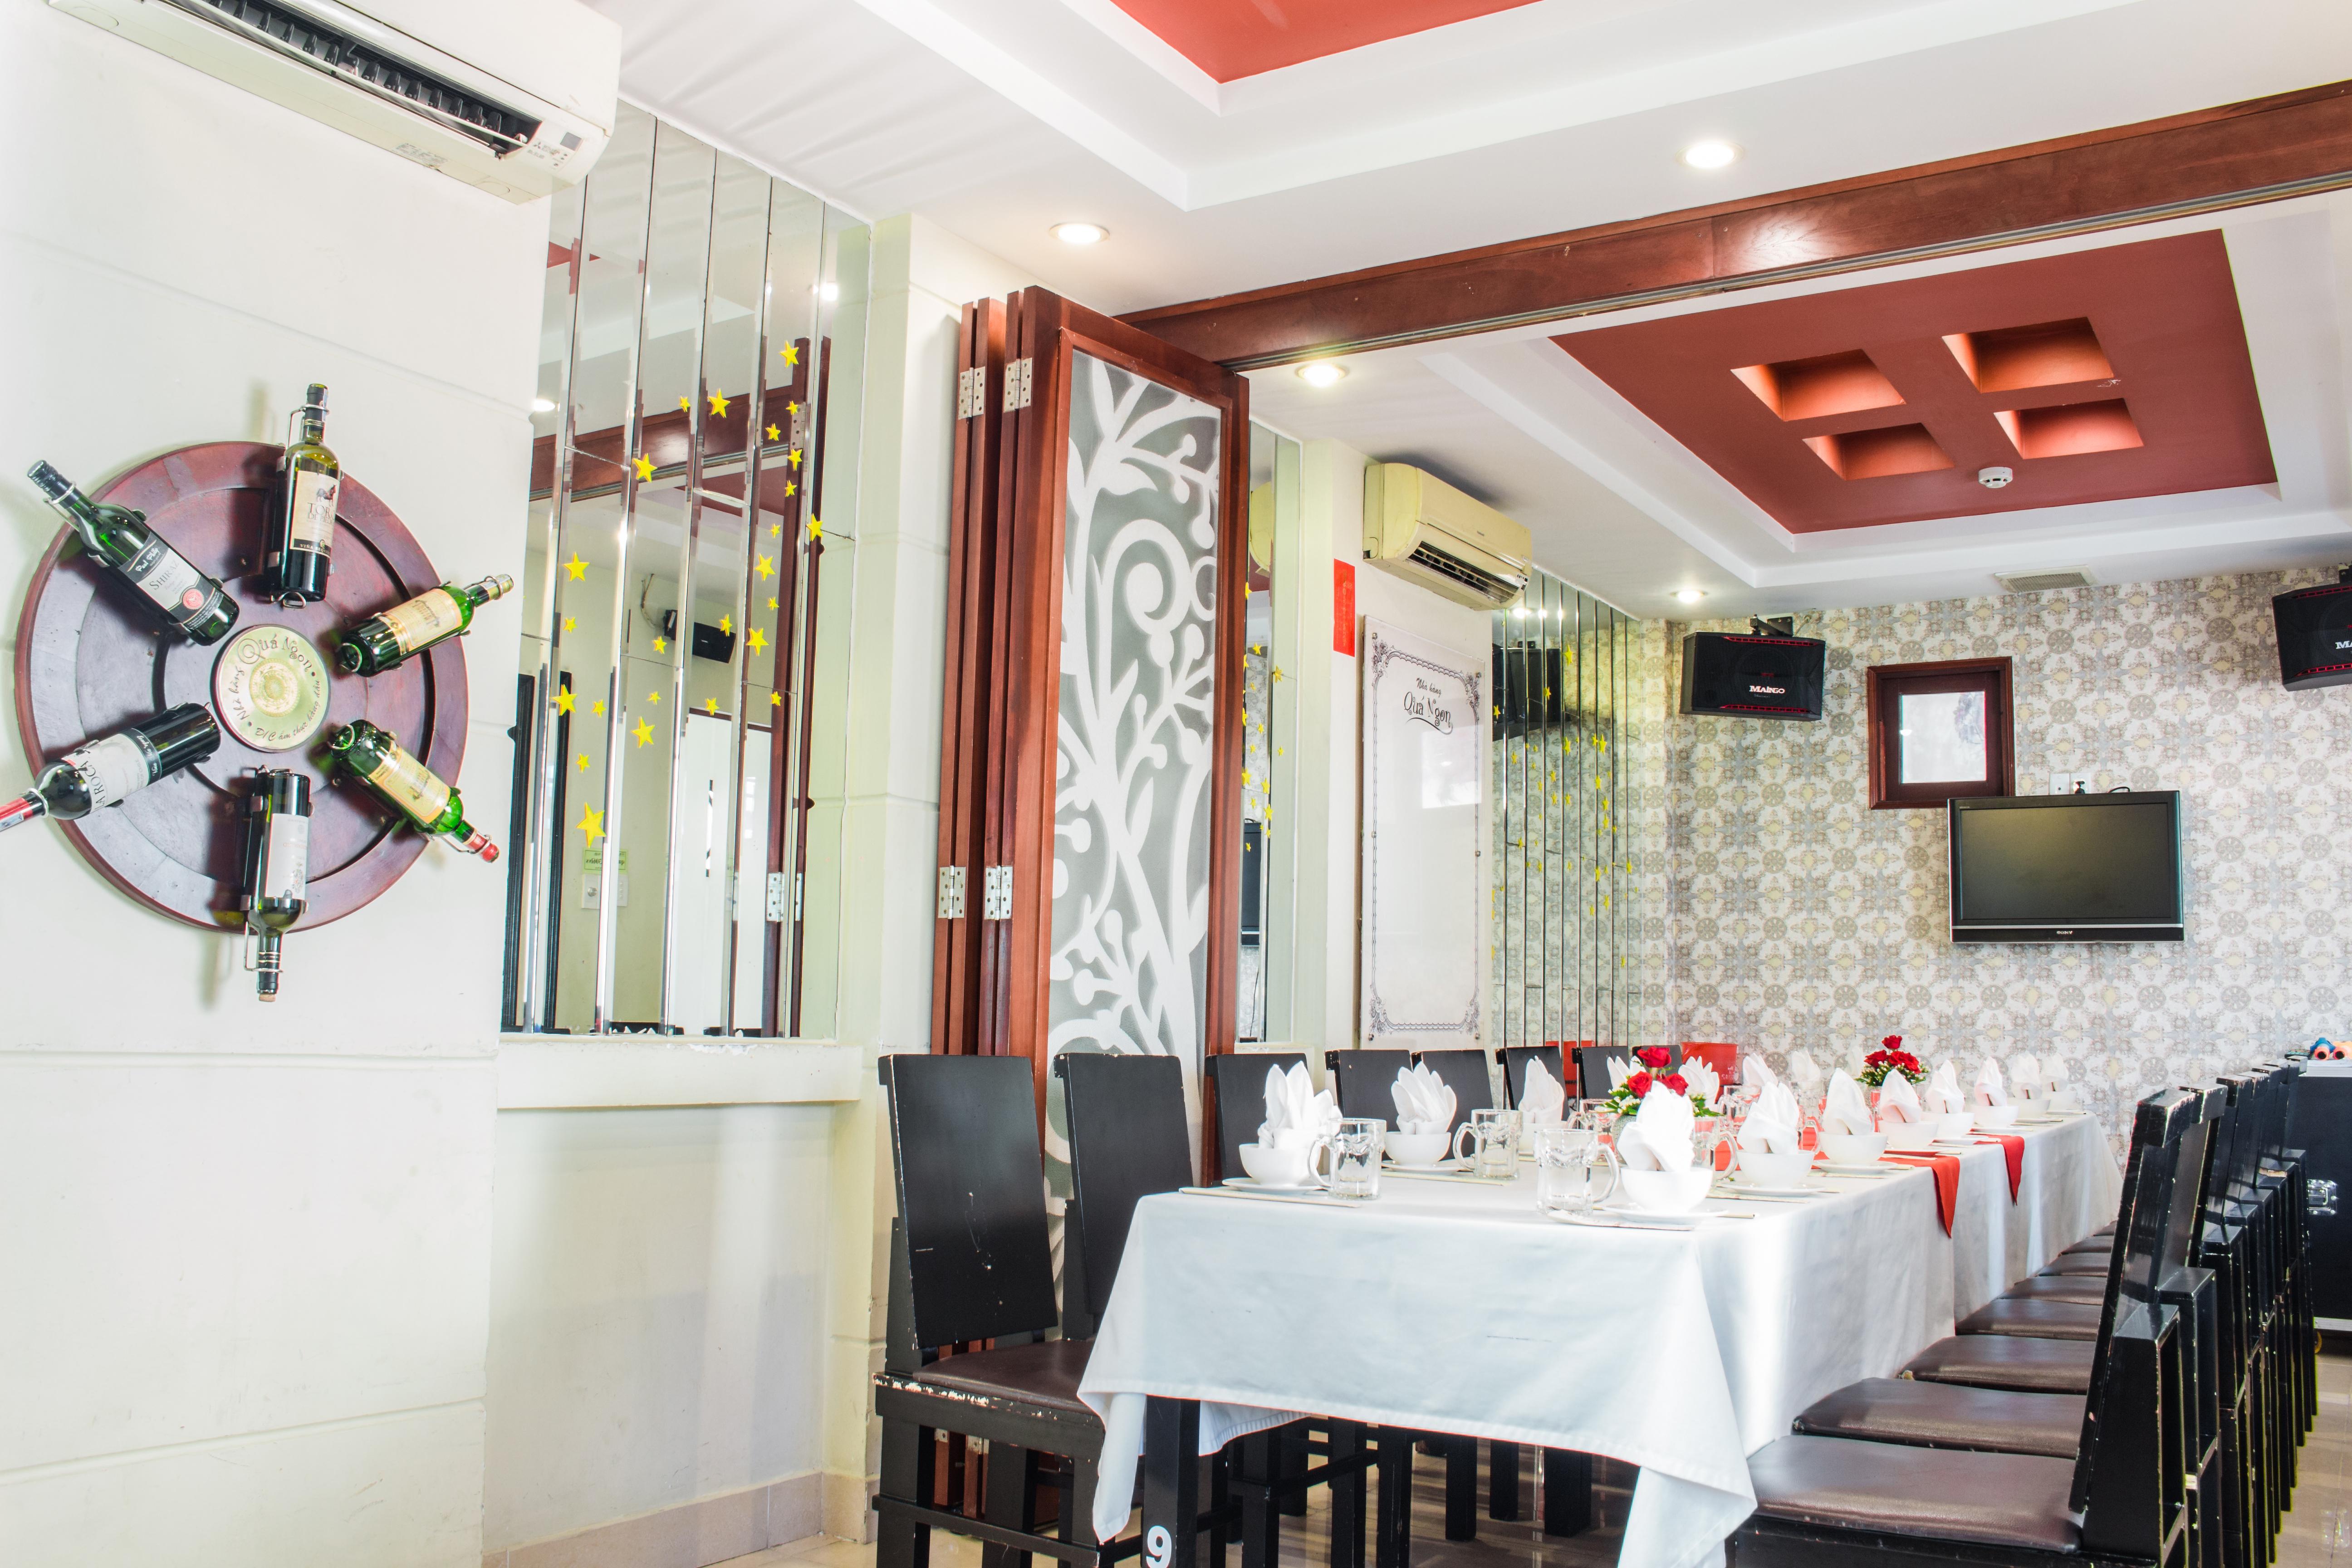 Nhà hàng ẩm thực Việt tại Sài GònNhà hàng ẩm thực Việt tại Sài Gòn